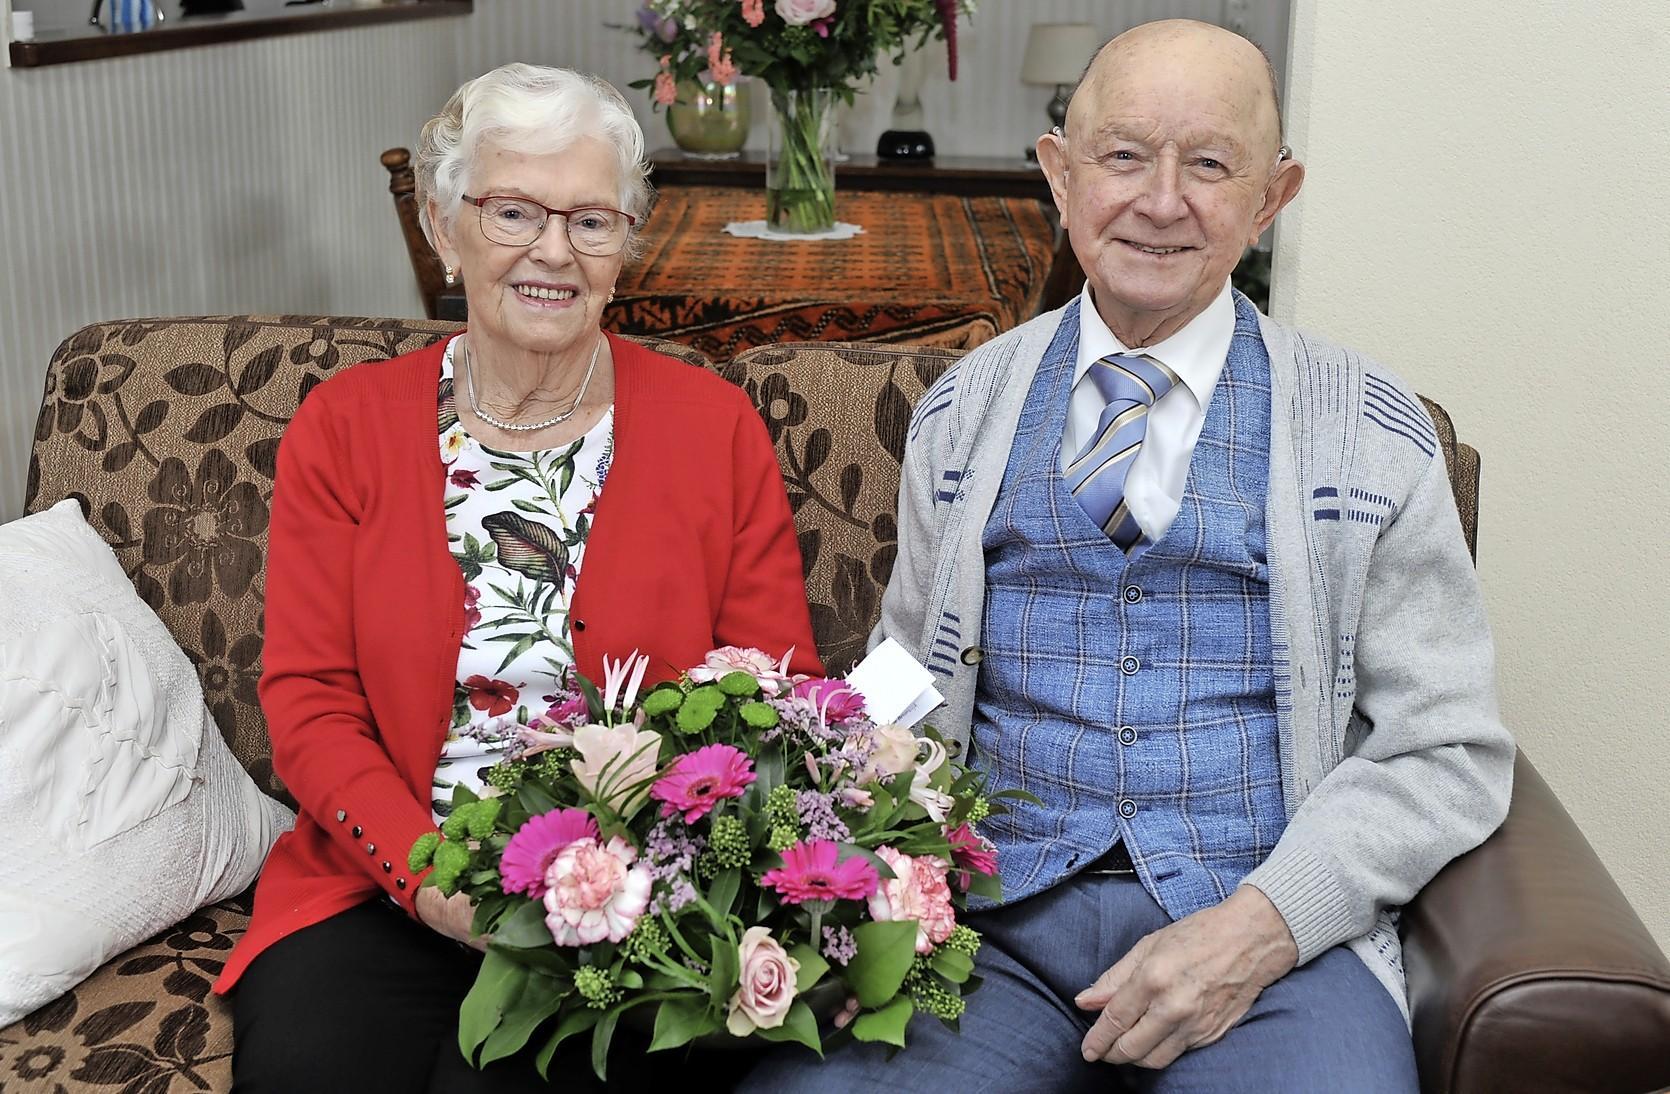 Gré en Bertus Jongejan 65 jaar getrouwd en nog altijd verliefd: Dankzij kier in schutting